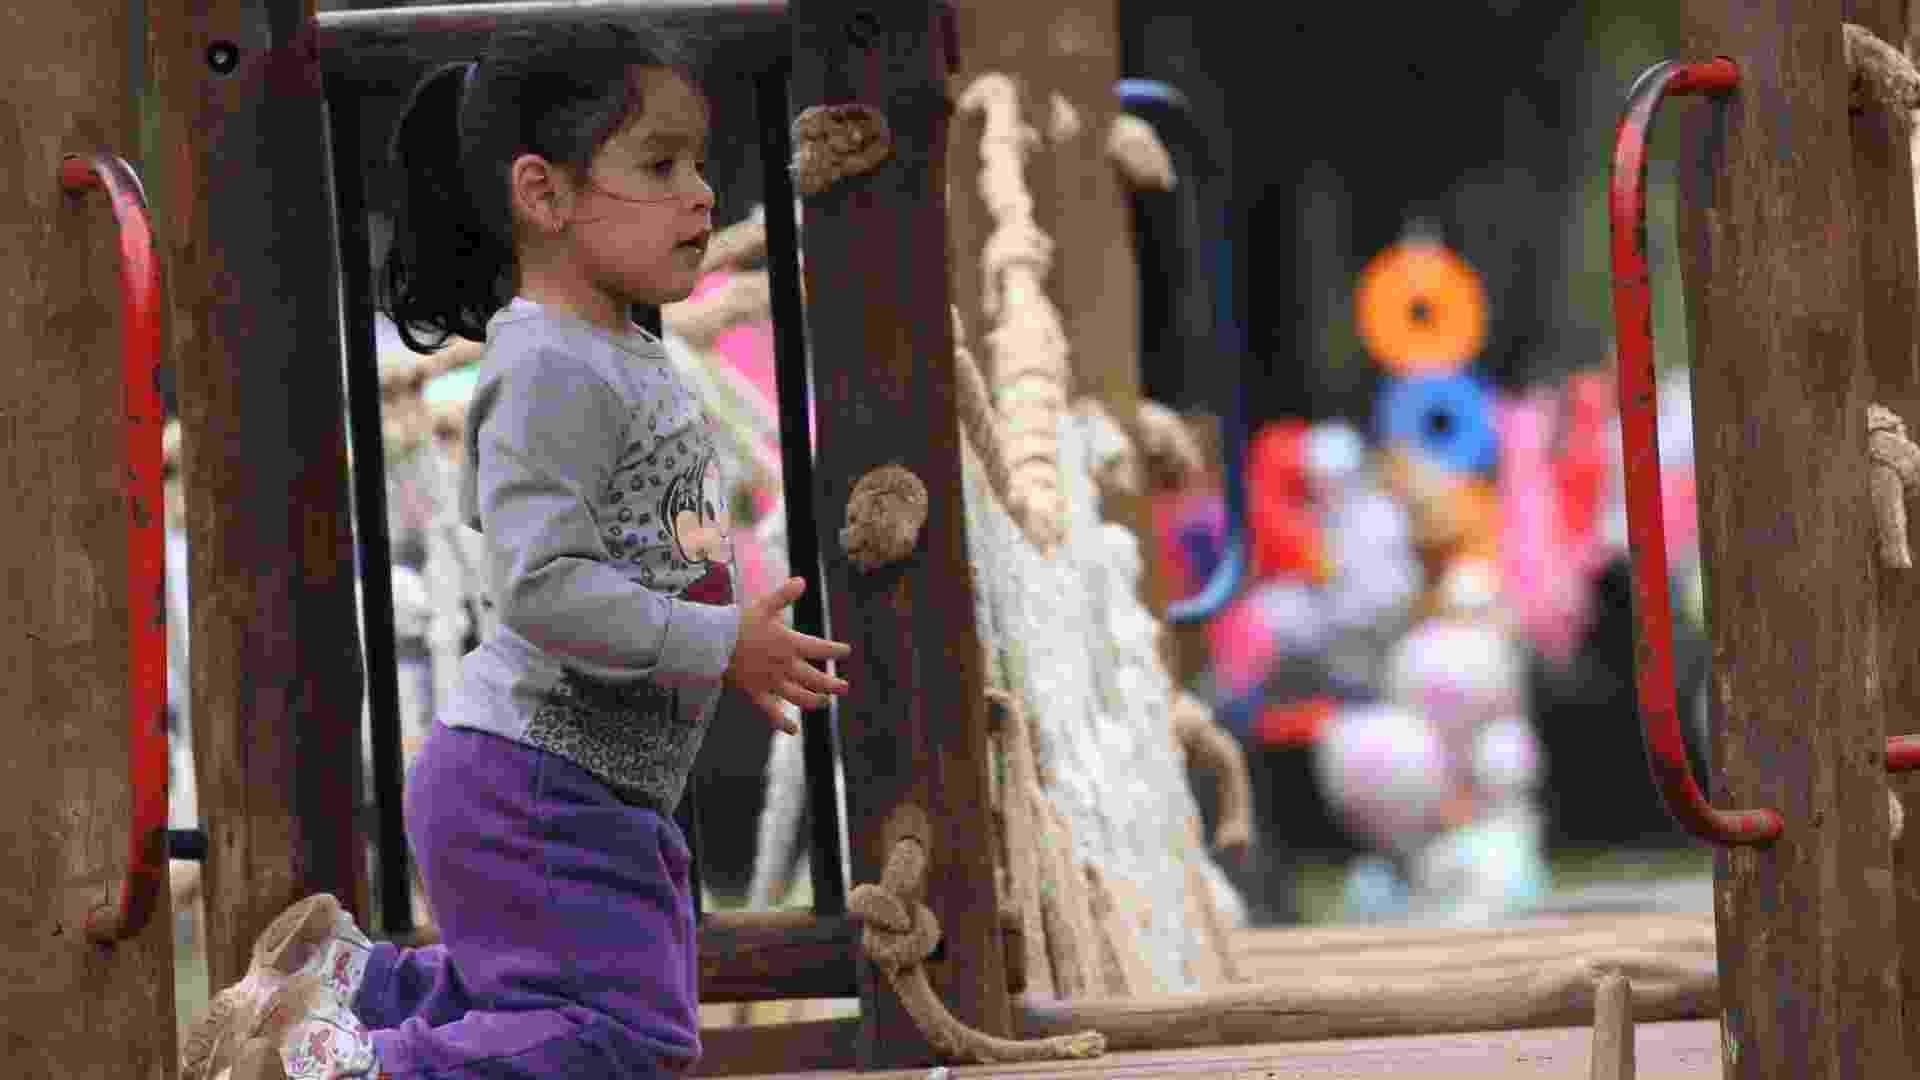 12.out.2012 - Menina se diverte em brinquedo do parque Ibirapuera na cidade de São Paulo (SP), na data em que é comemorado o Dia da Criança - Renato S. Cerqueira/FuturaPress